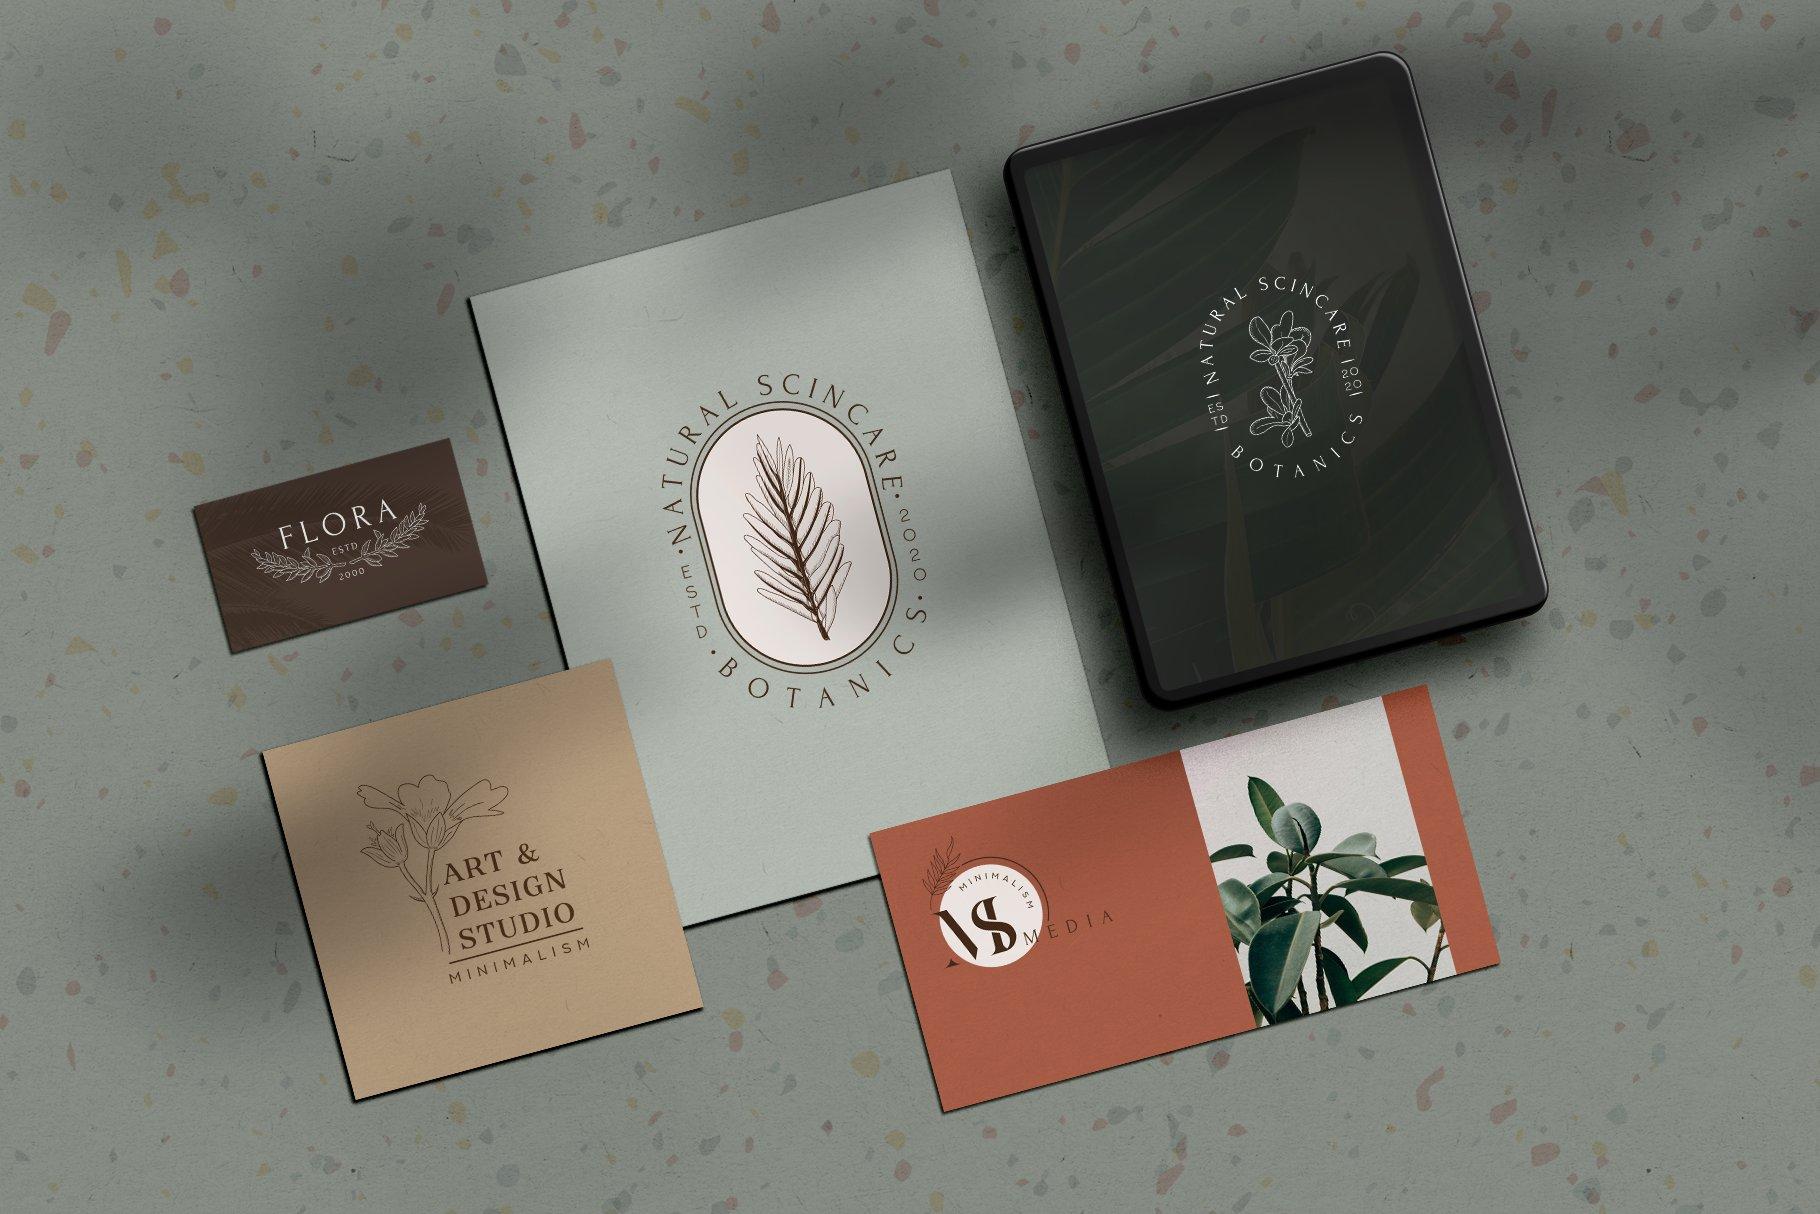 精美植物徽标标志设计AI矢量模板素材 BotanicalLogos & Illustrations插图(4)